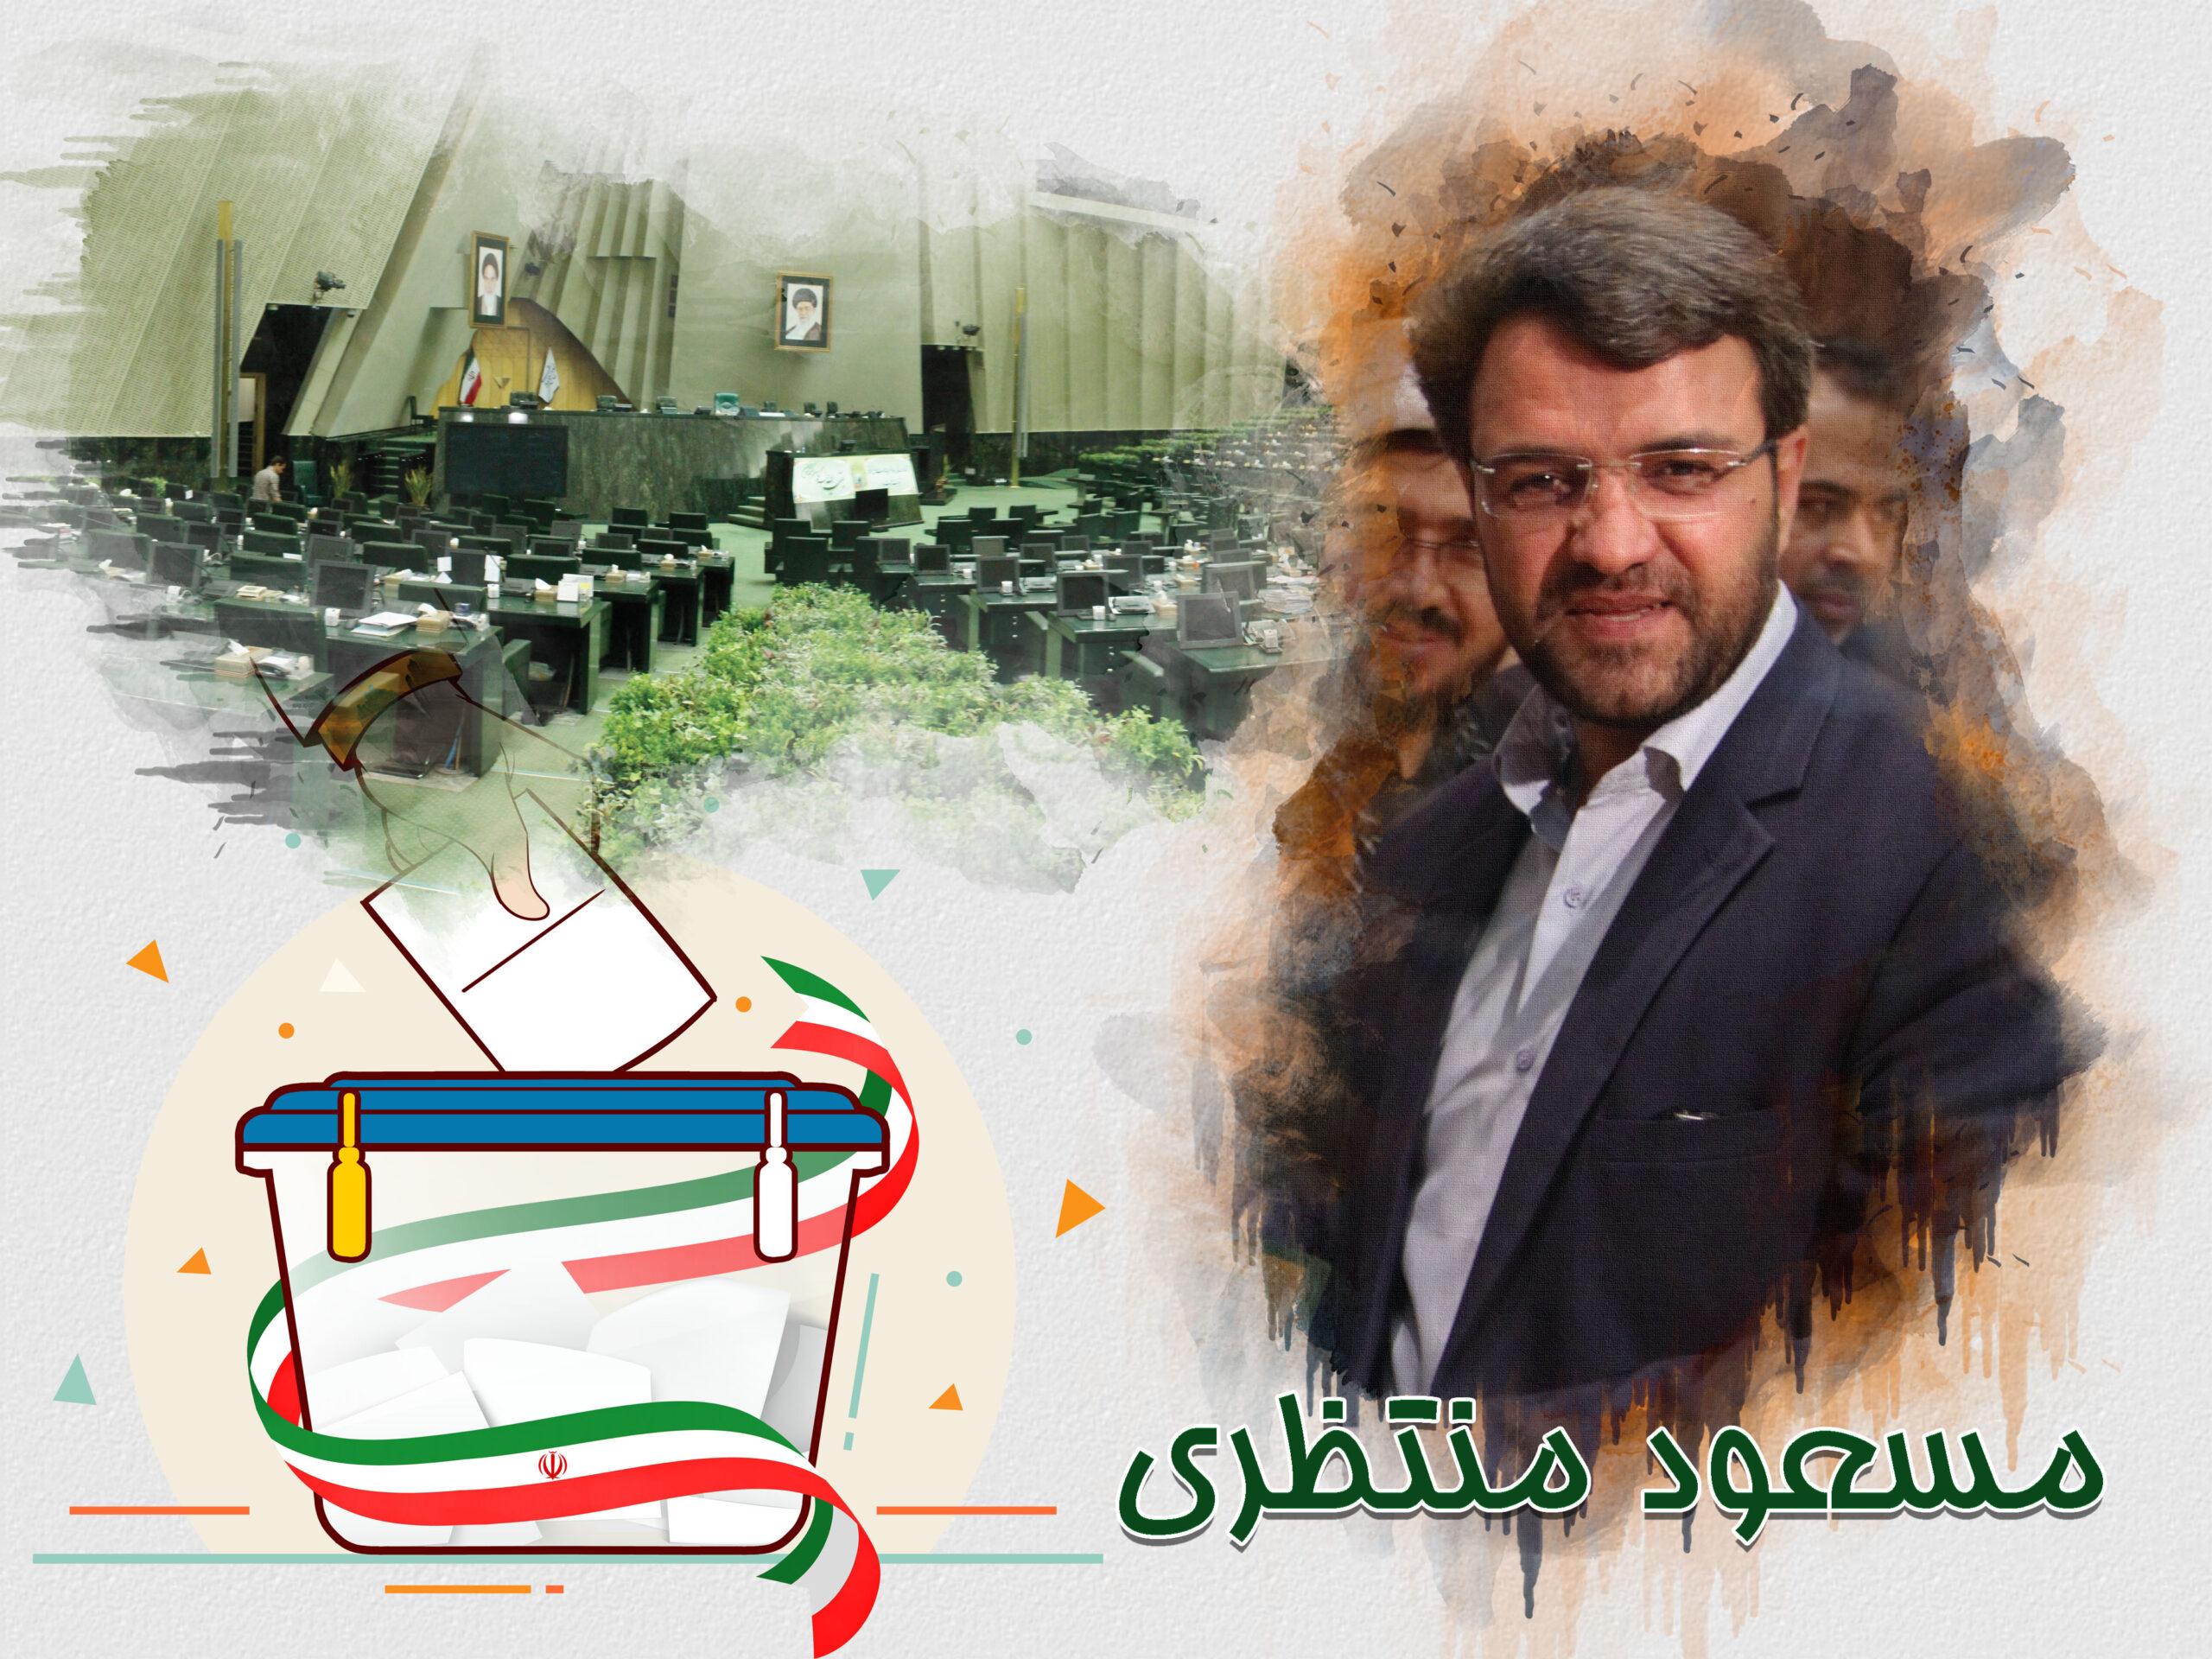 افزایش احتمال تایید صلاحیت شهردار سابق نجف آباد